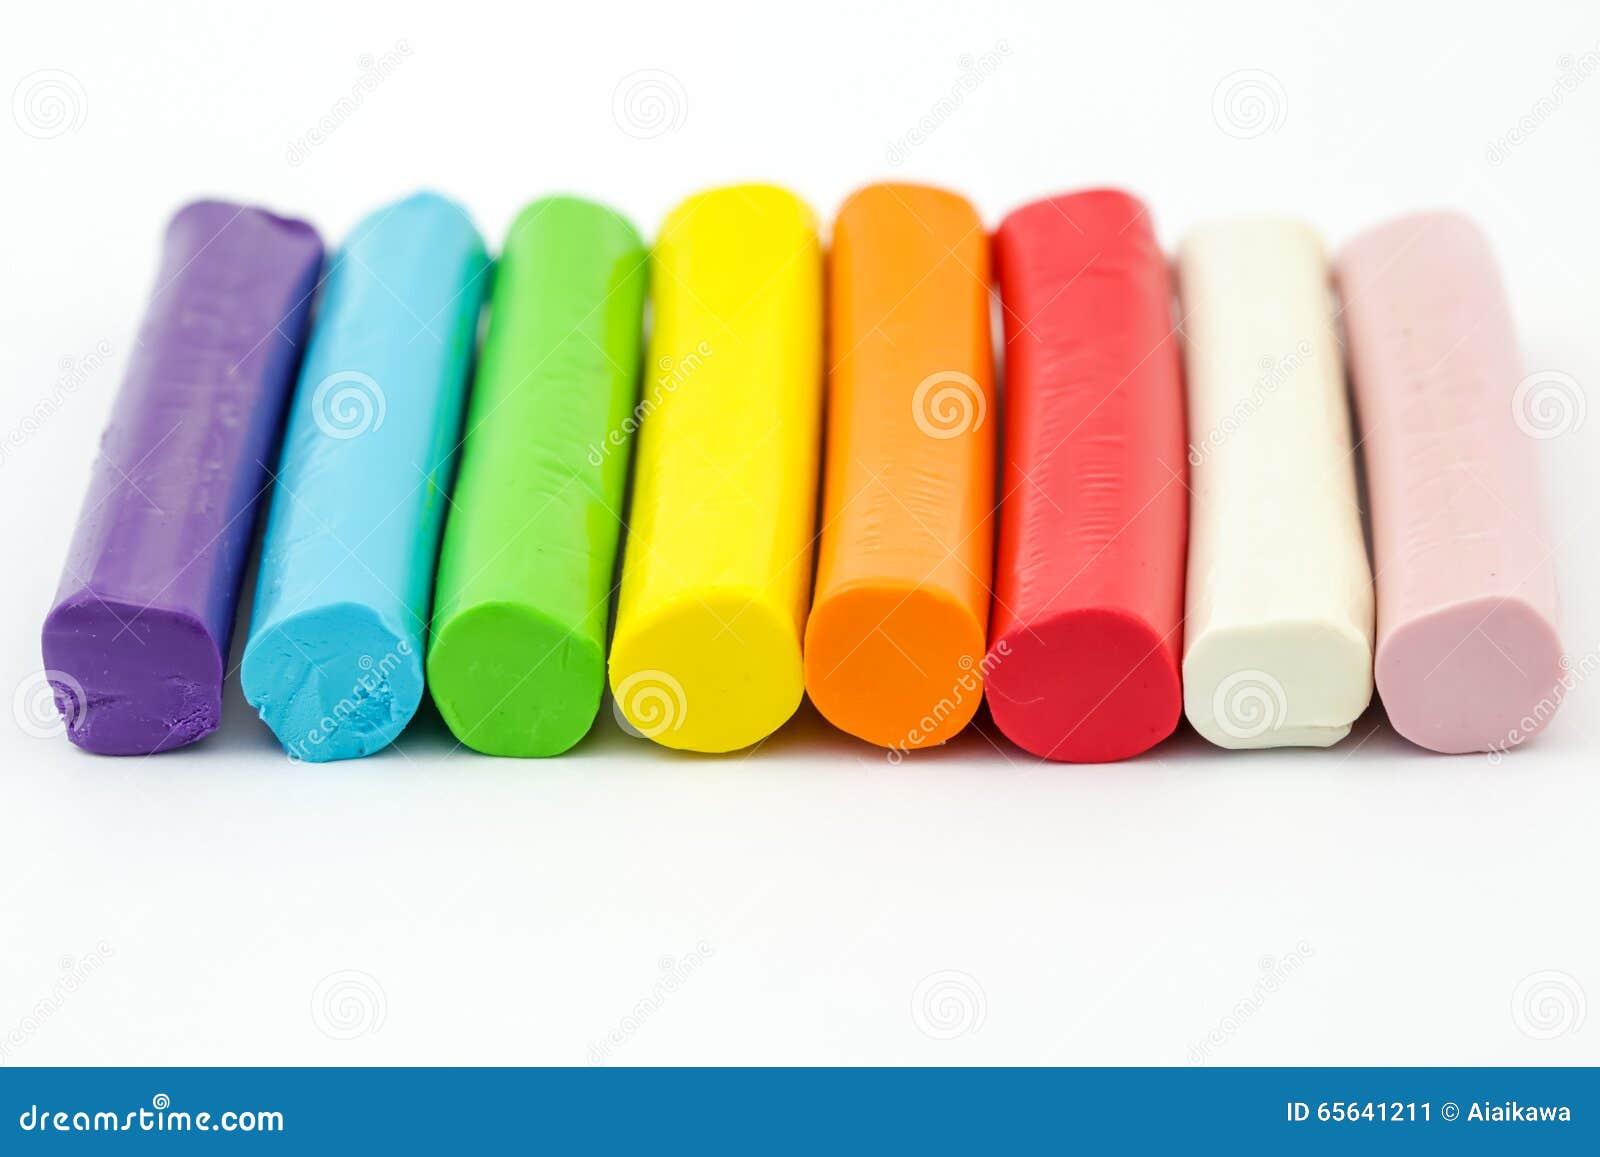 Pâte à modeler colorée de tige arrangeant sur le fond blanc